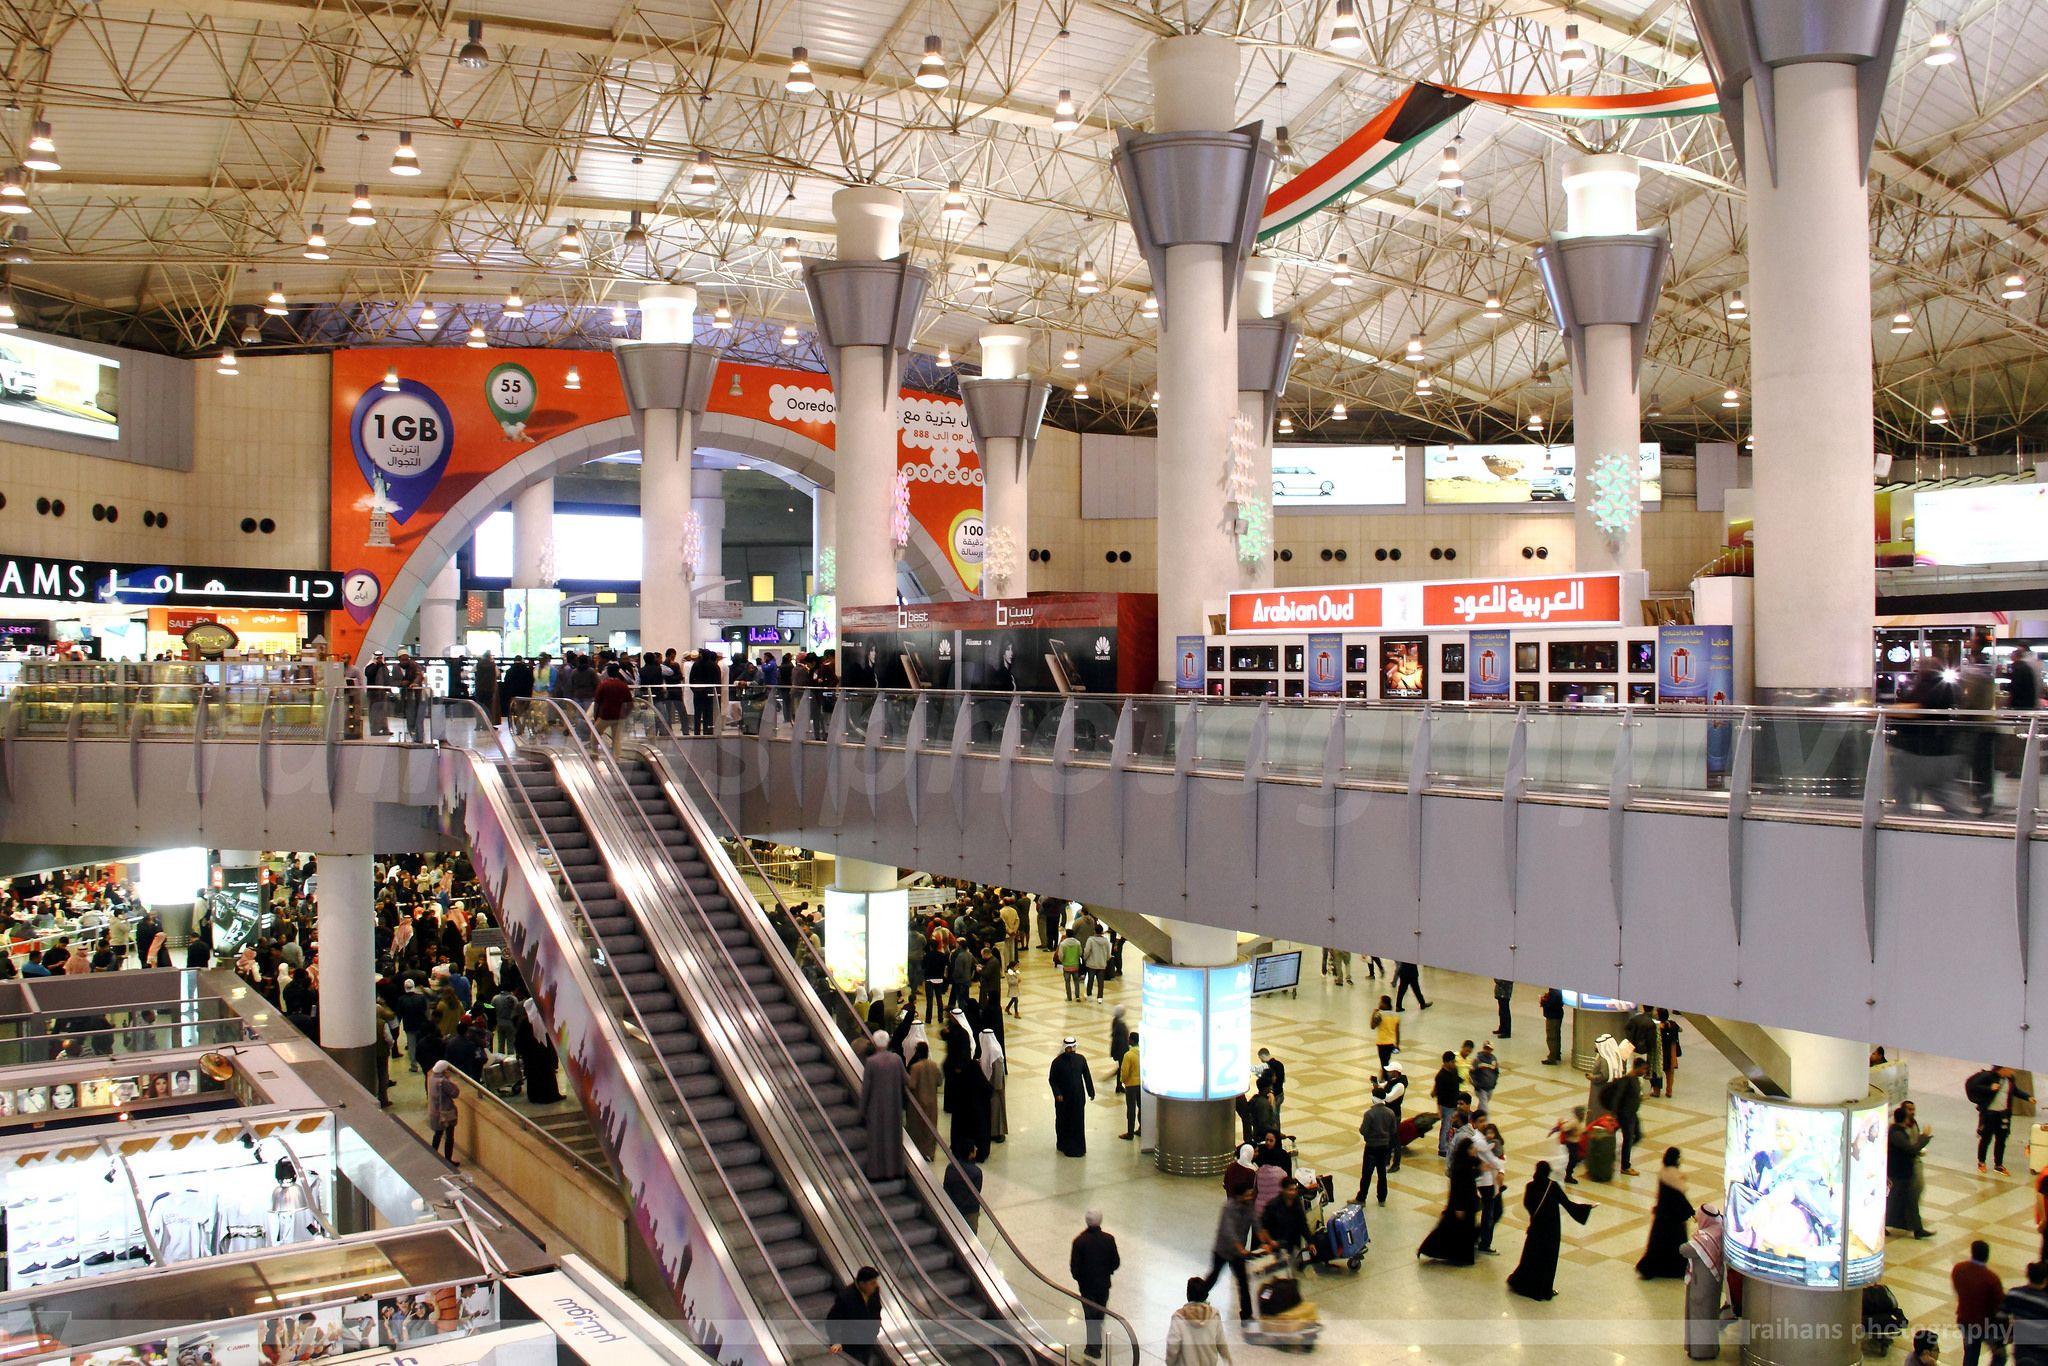 Kuwait International Airport State Of Kuwait Kwi Okbk International Airport Kuwait Airport